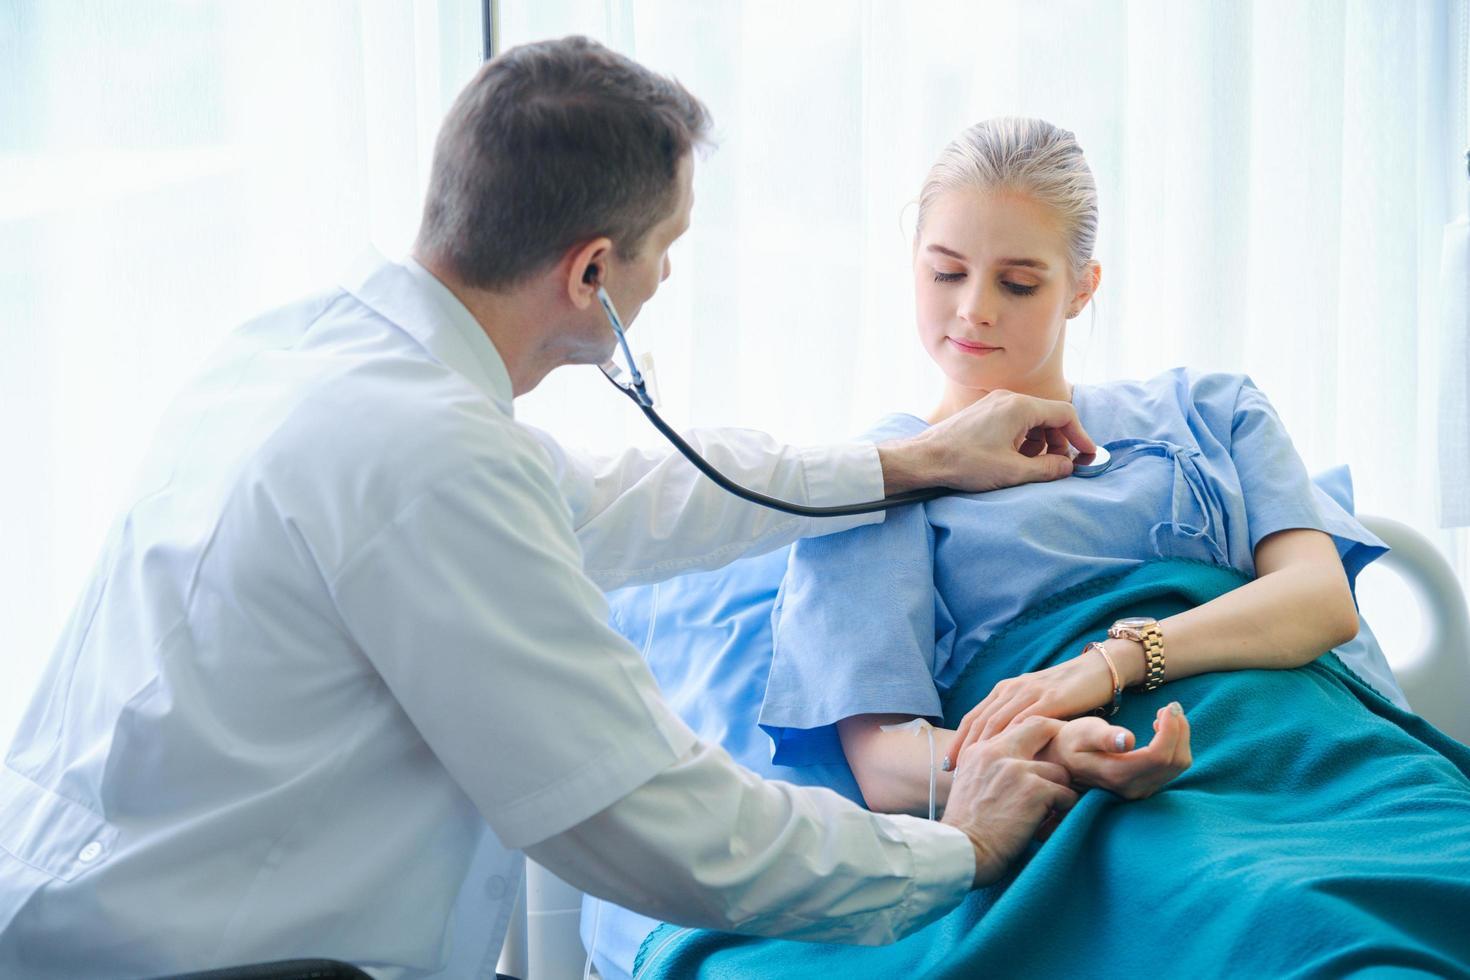 medico maschio che prende il polso del paziente femminile foto